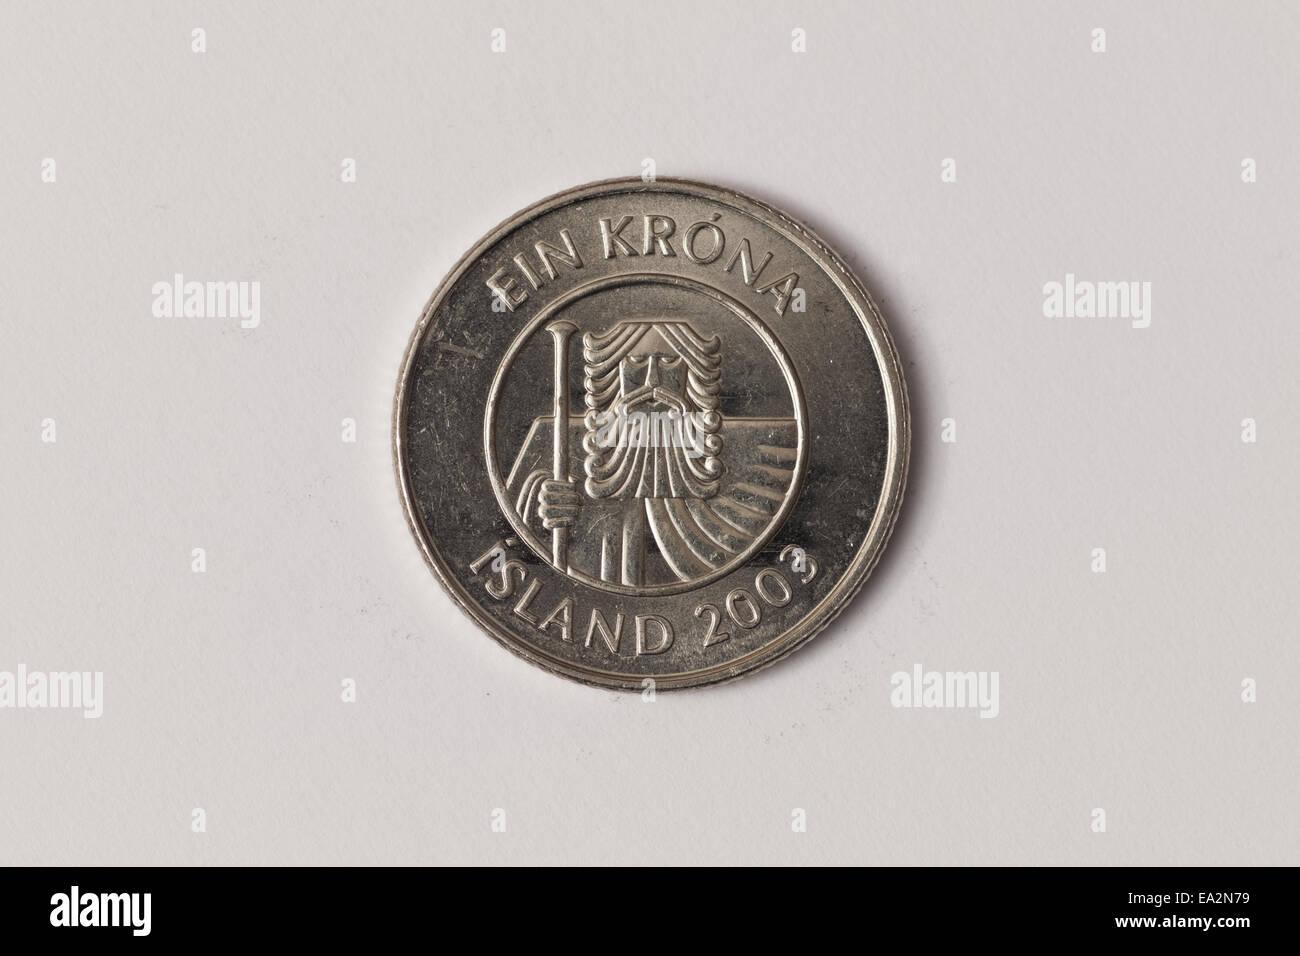 Eine Isländische Krone Isk Münze Stockfoto Bild 75048605 Alamy